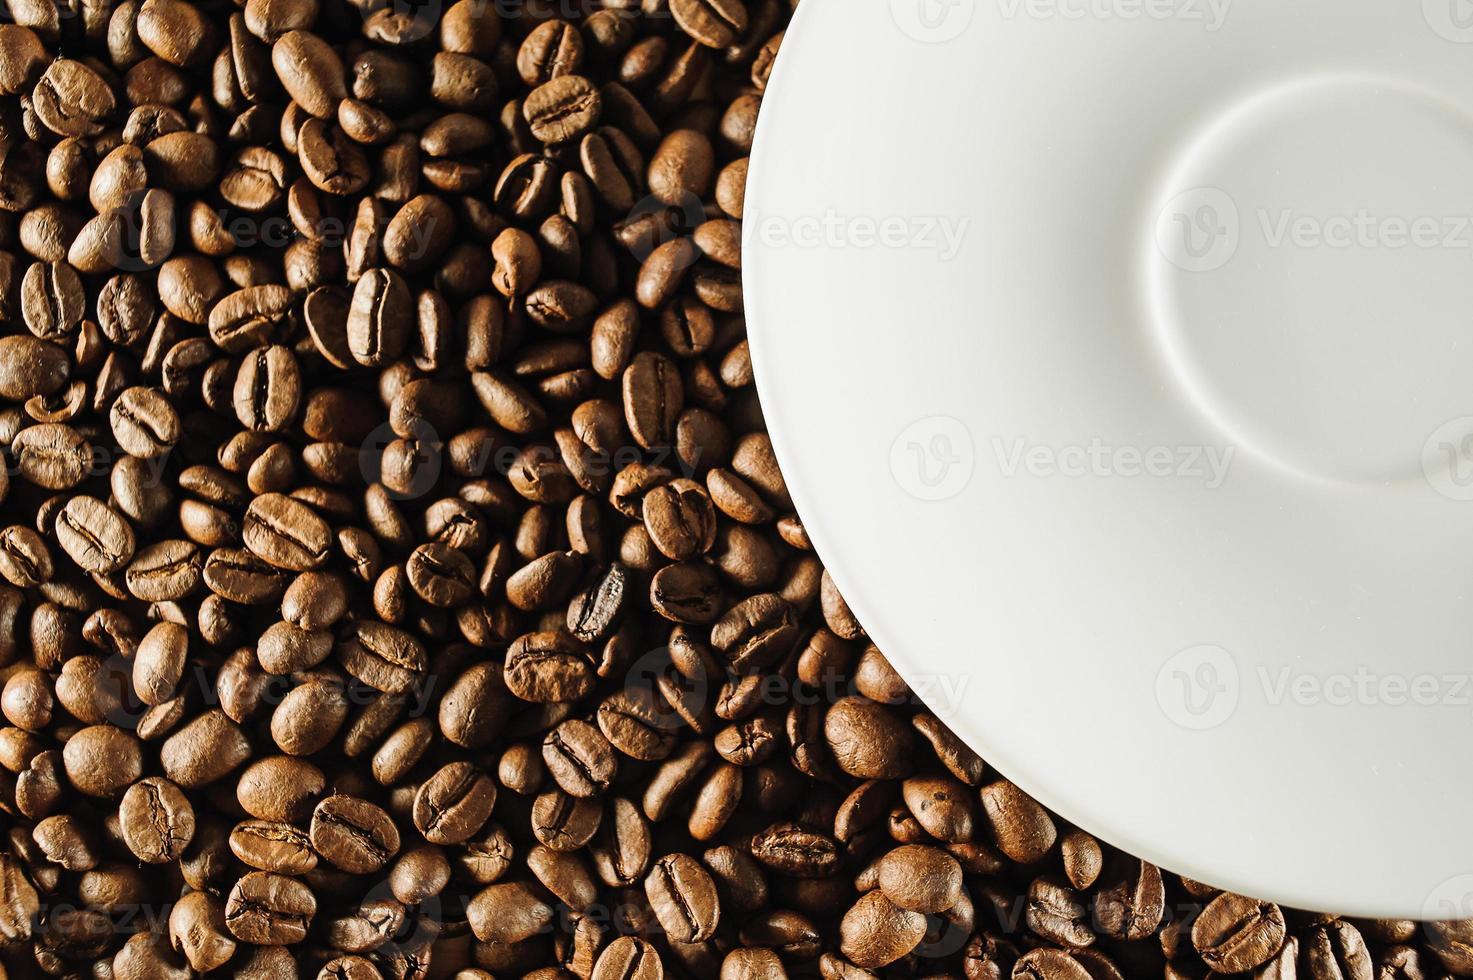 koffiebonen en witte plaat foto